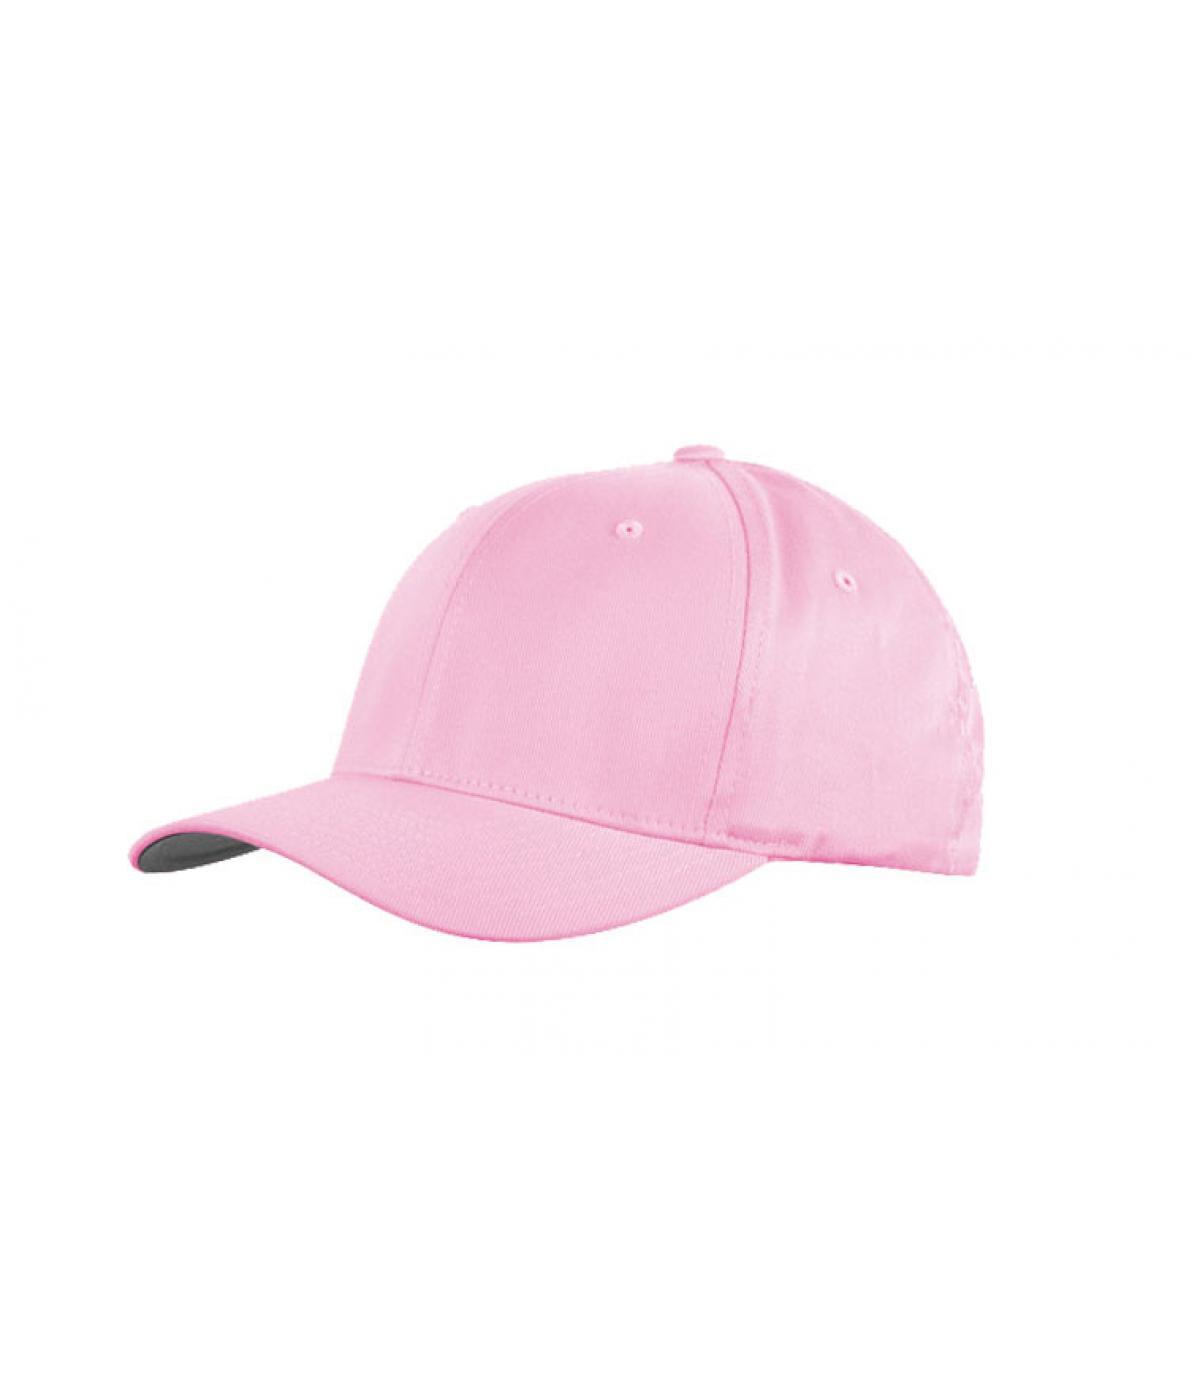 Details Cap roze flexfit - afbeeling 2